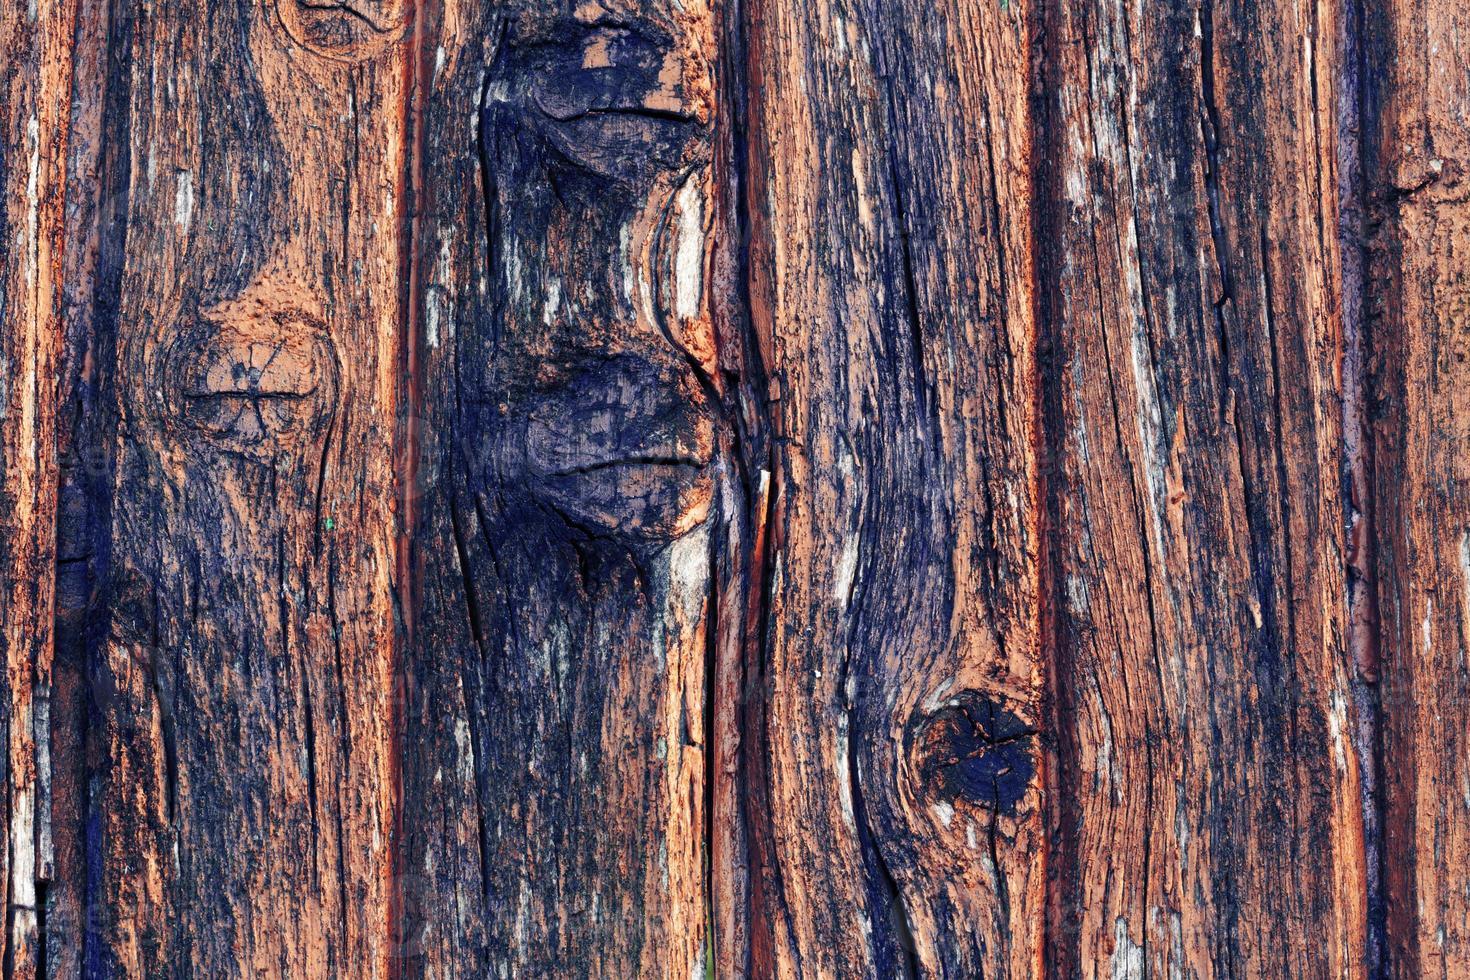 Fondo de madera es un viejo vintage retro foto